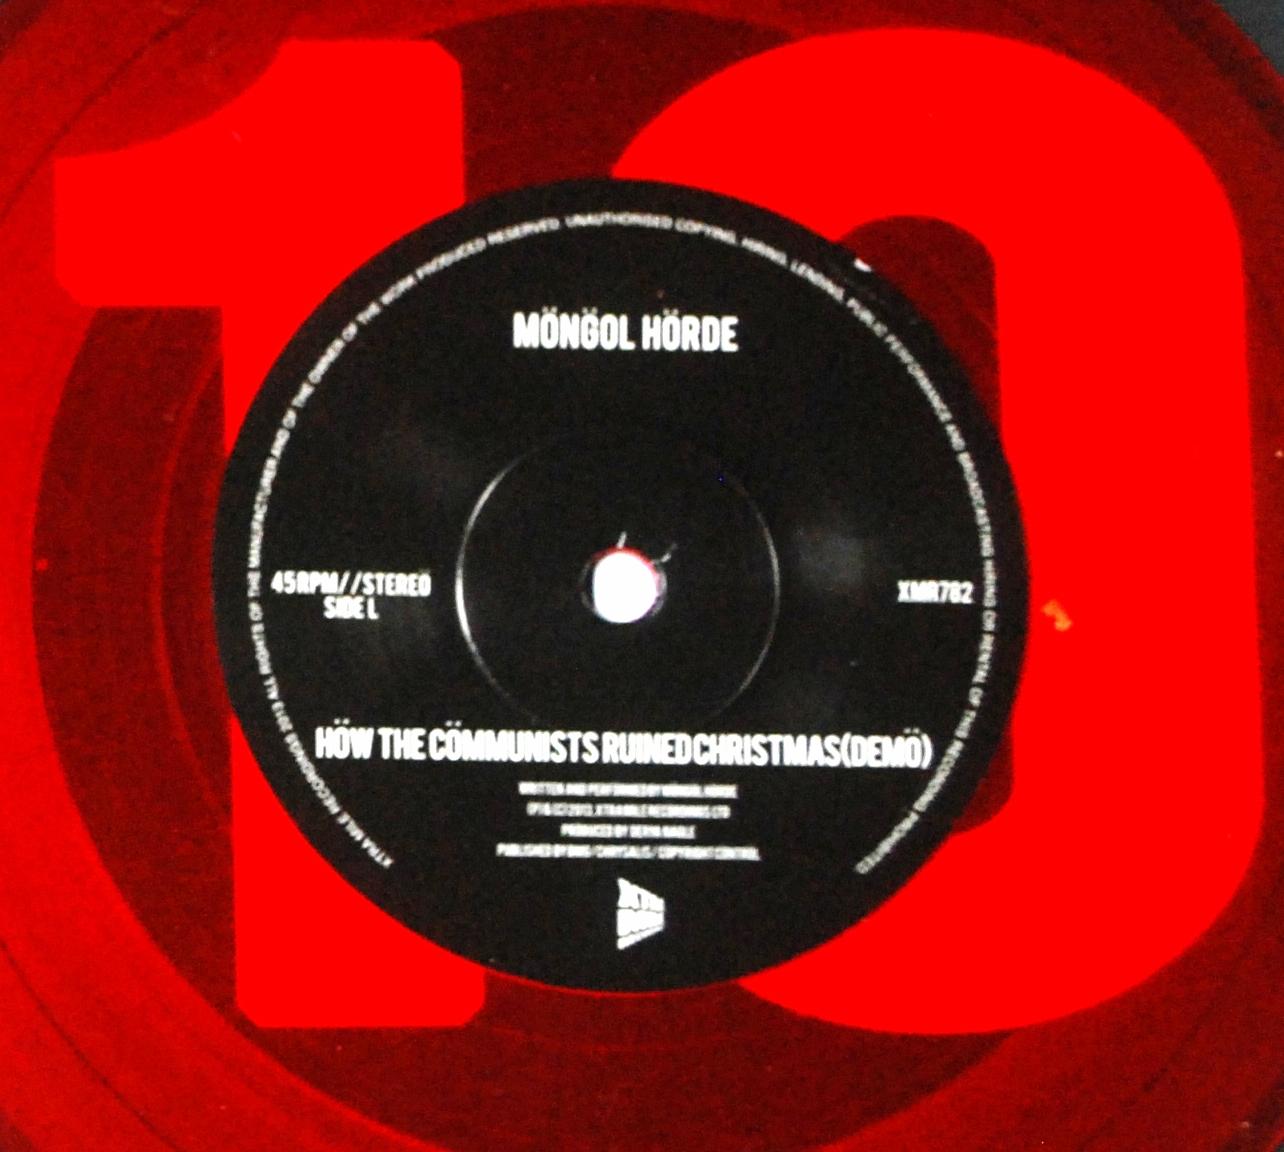 Mongol Horde vinyl chopped - squared.jpg